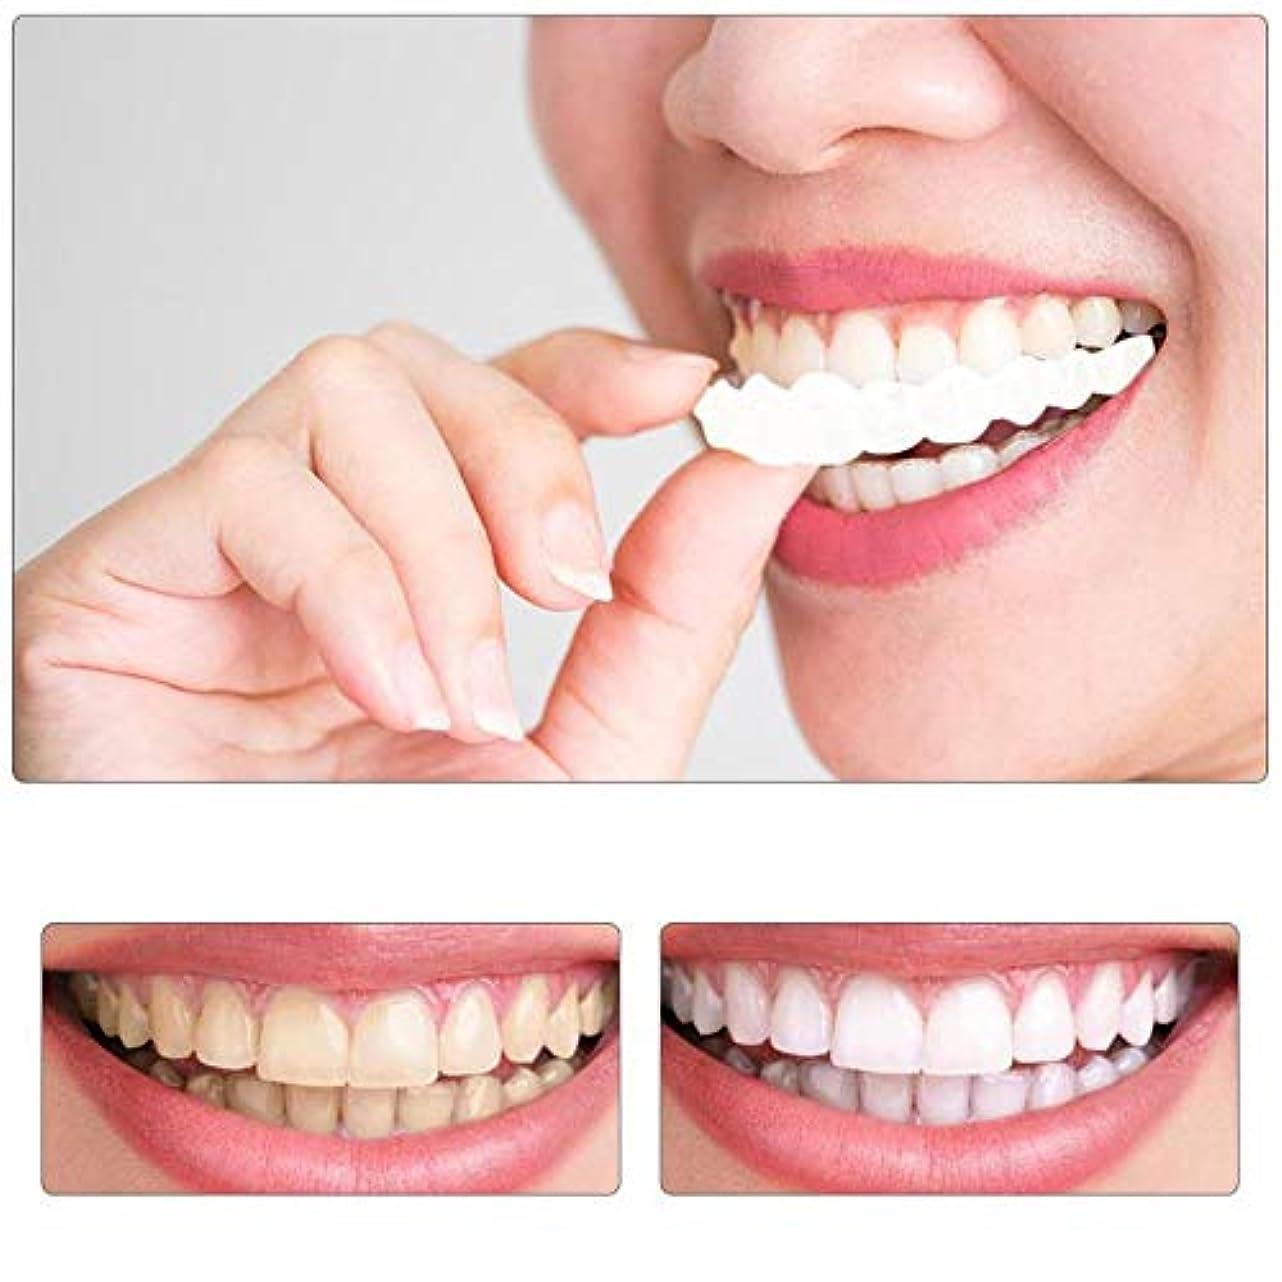 貢献する大きい無人1ペア偽歯上部偽偽歯カバースナップオン即時歯化粧品義歯ケアオーラルケアプラスチックホワイトニング義歯